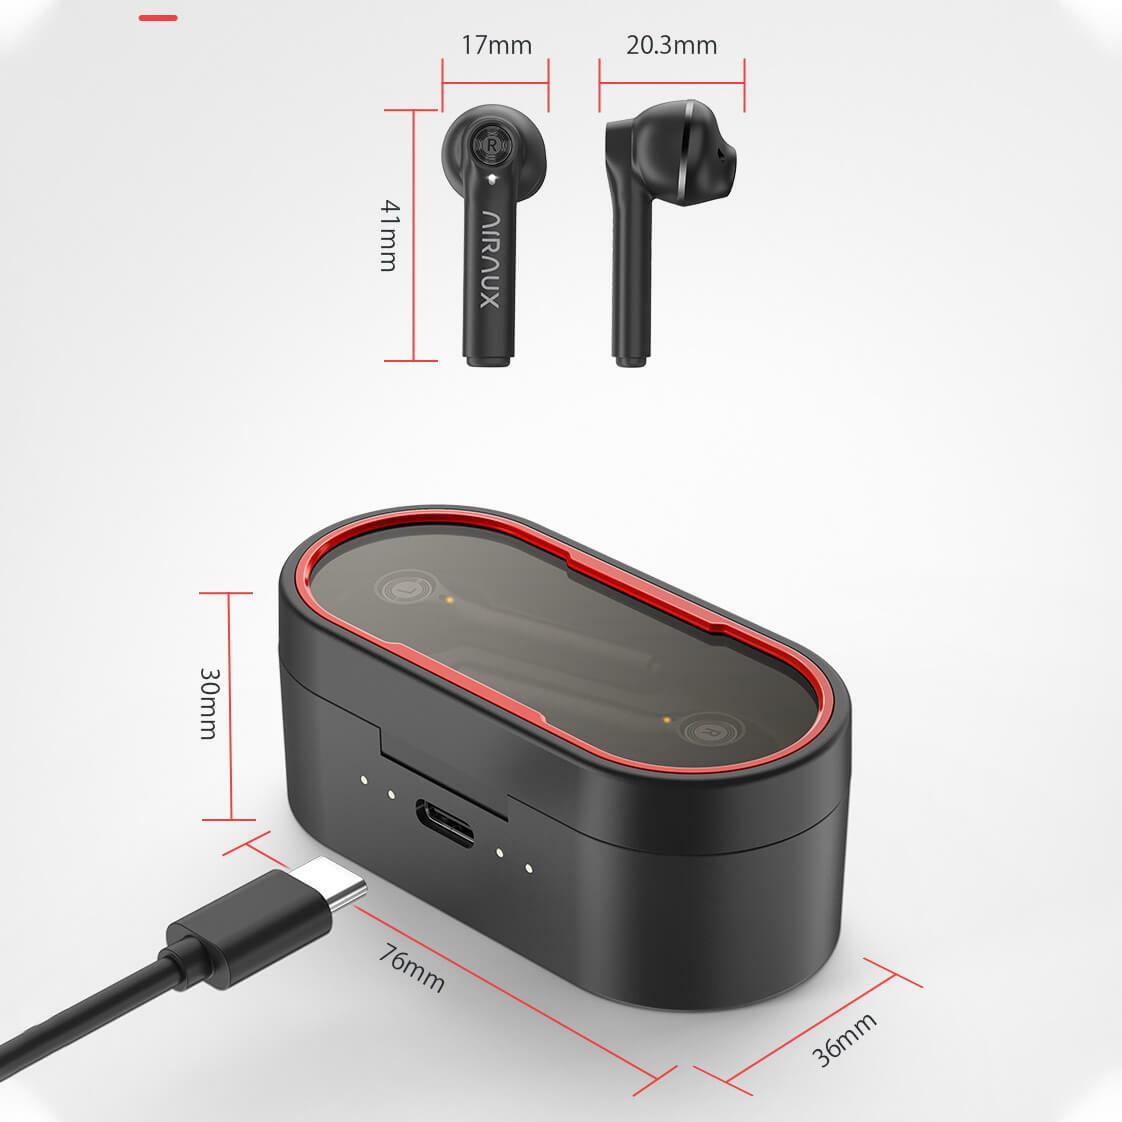 AA-UM7 vezeték nélküli fülhallgató és töltődoboz méretek